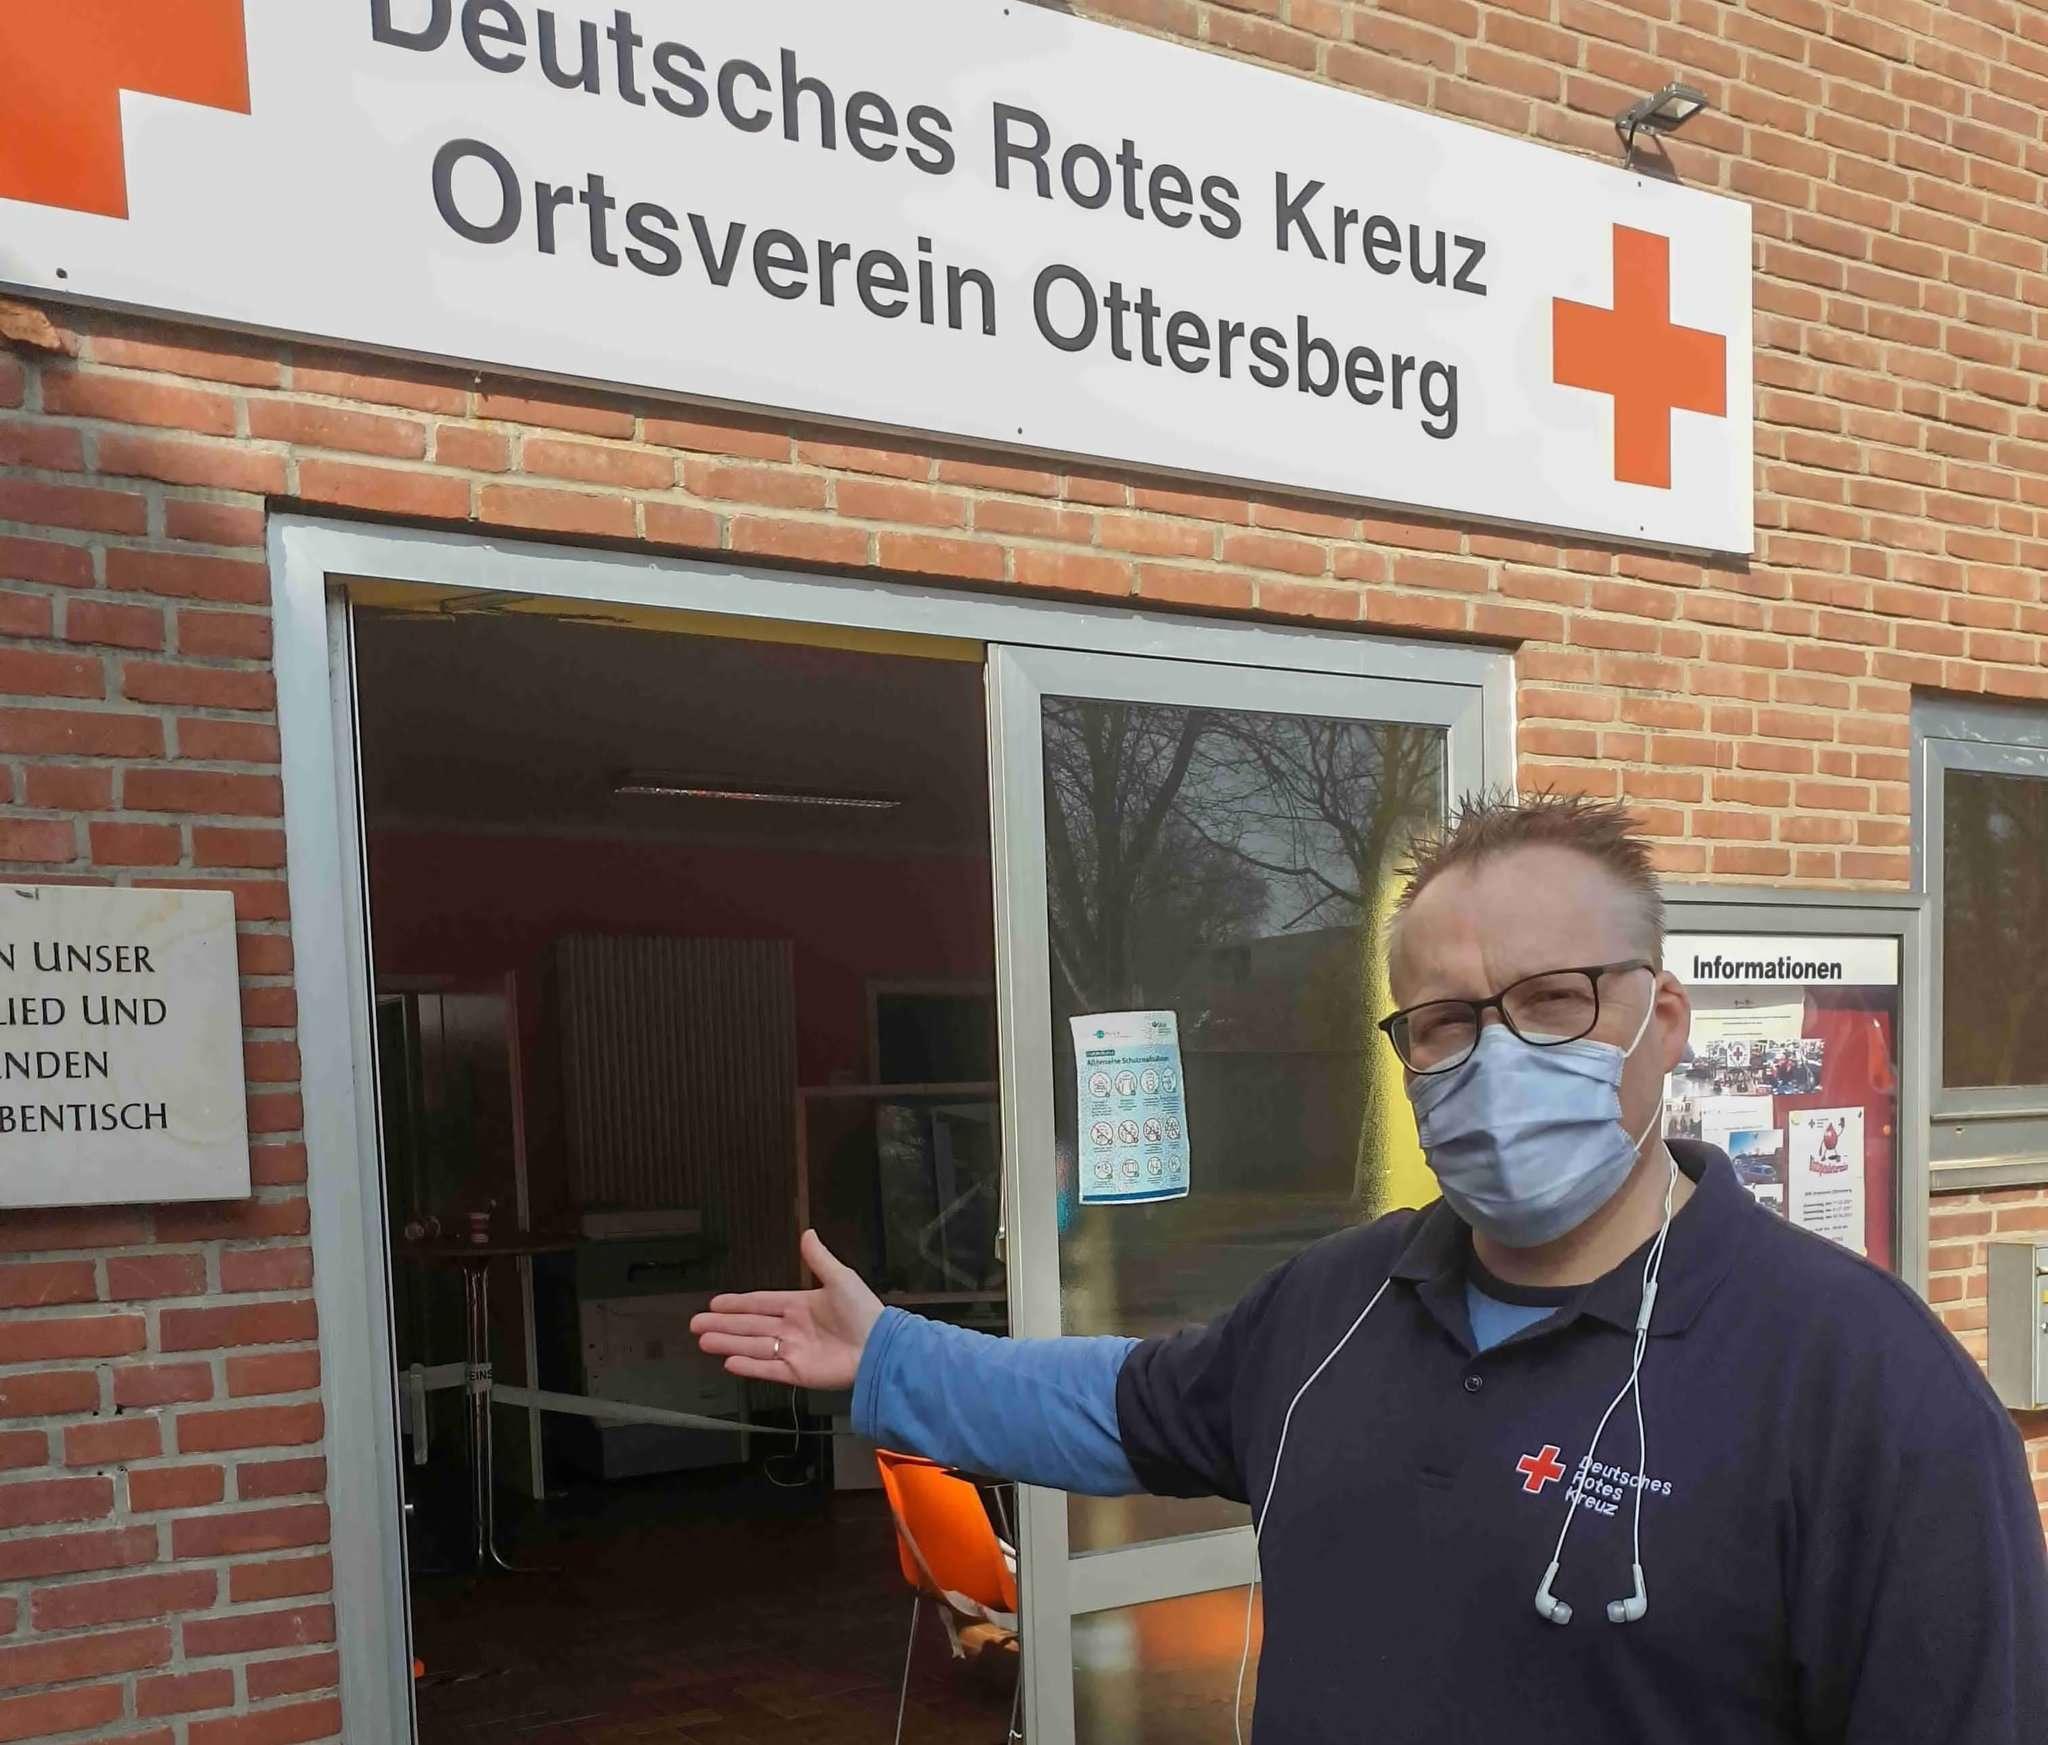 Stefan Asendorf, Vorsitzender des DRK Ottersberg, vor dem Ottersberger Testzentrum. Foto: Tobias Woelki